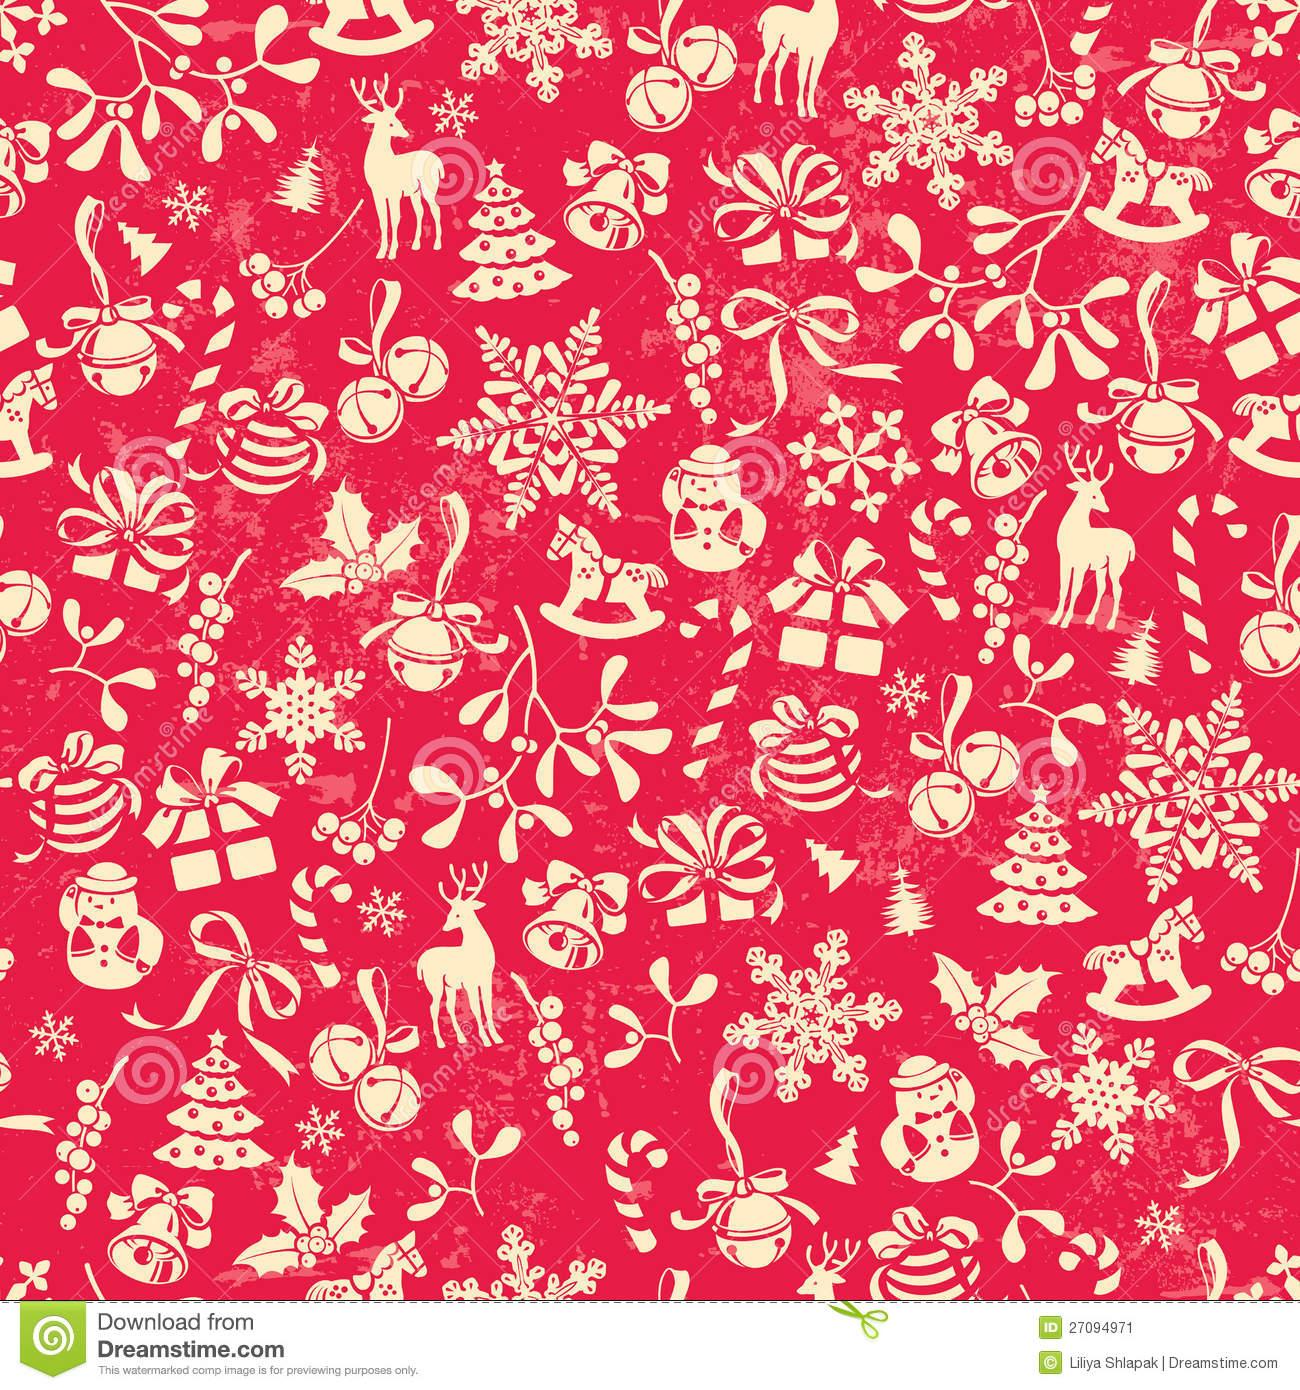 Weihnachtsmuster Vektor Abbildung. Illustration Von bestimmt für Weihnachtsvordrucke Kostenlos